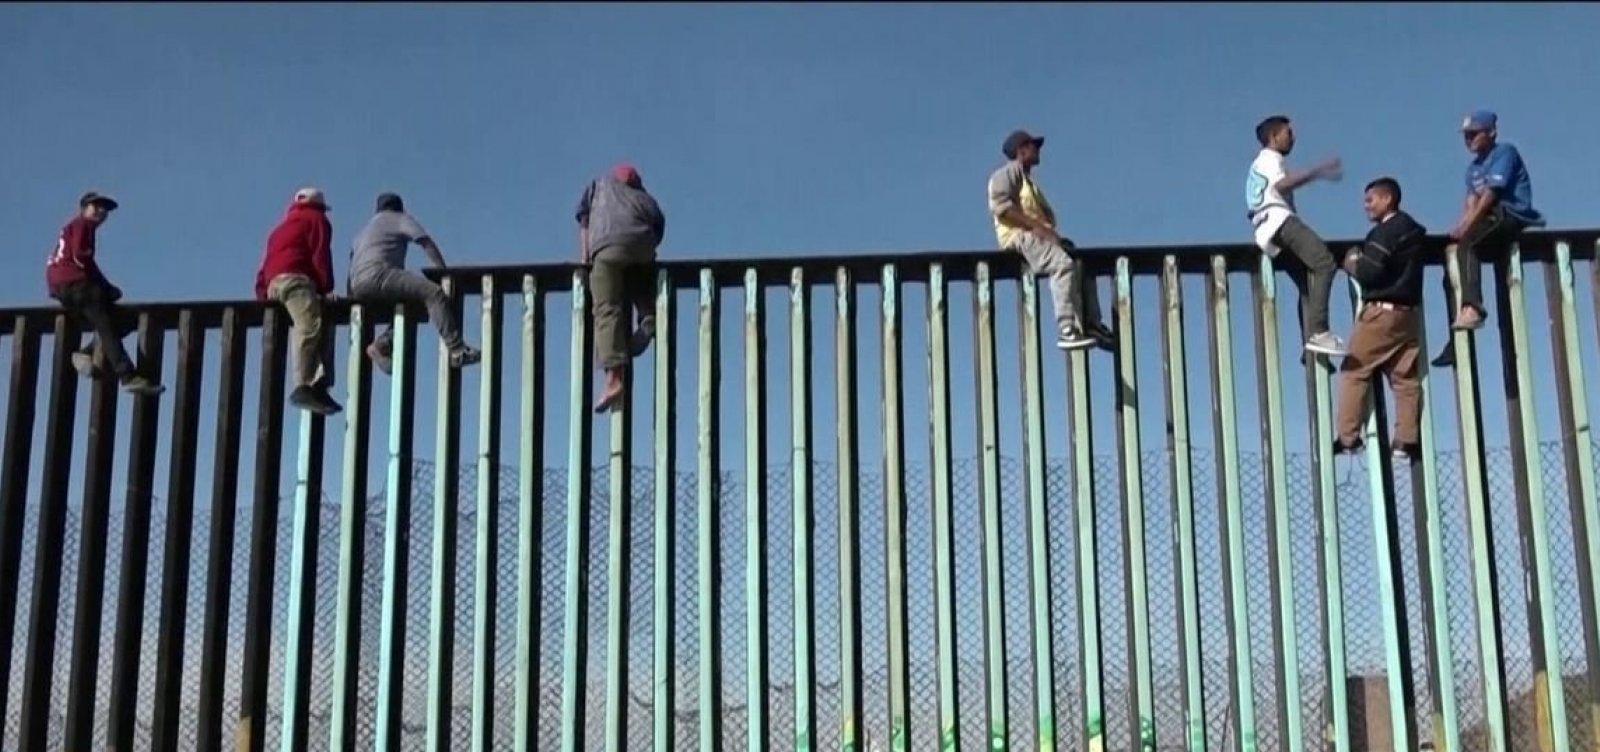 [Trump ameaça México com tarifas para punir imigração, diz jornal]